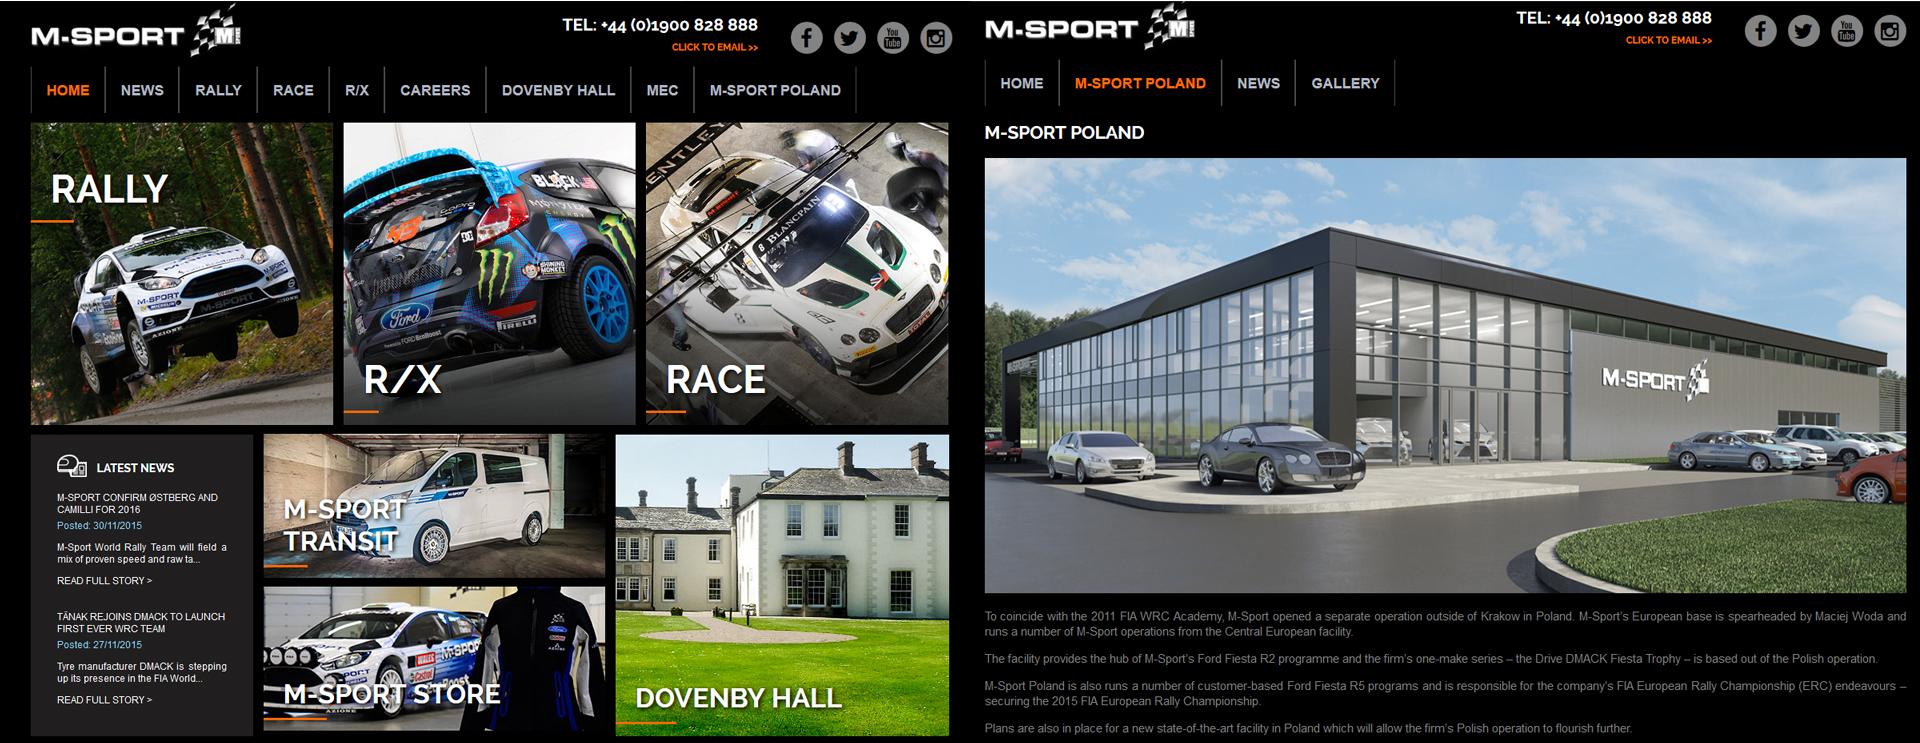 www.m-sport.co.uk